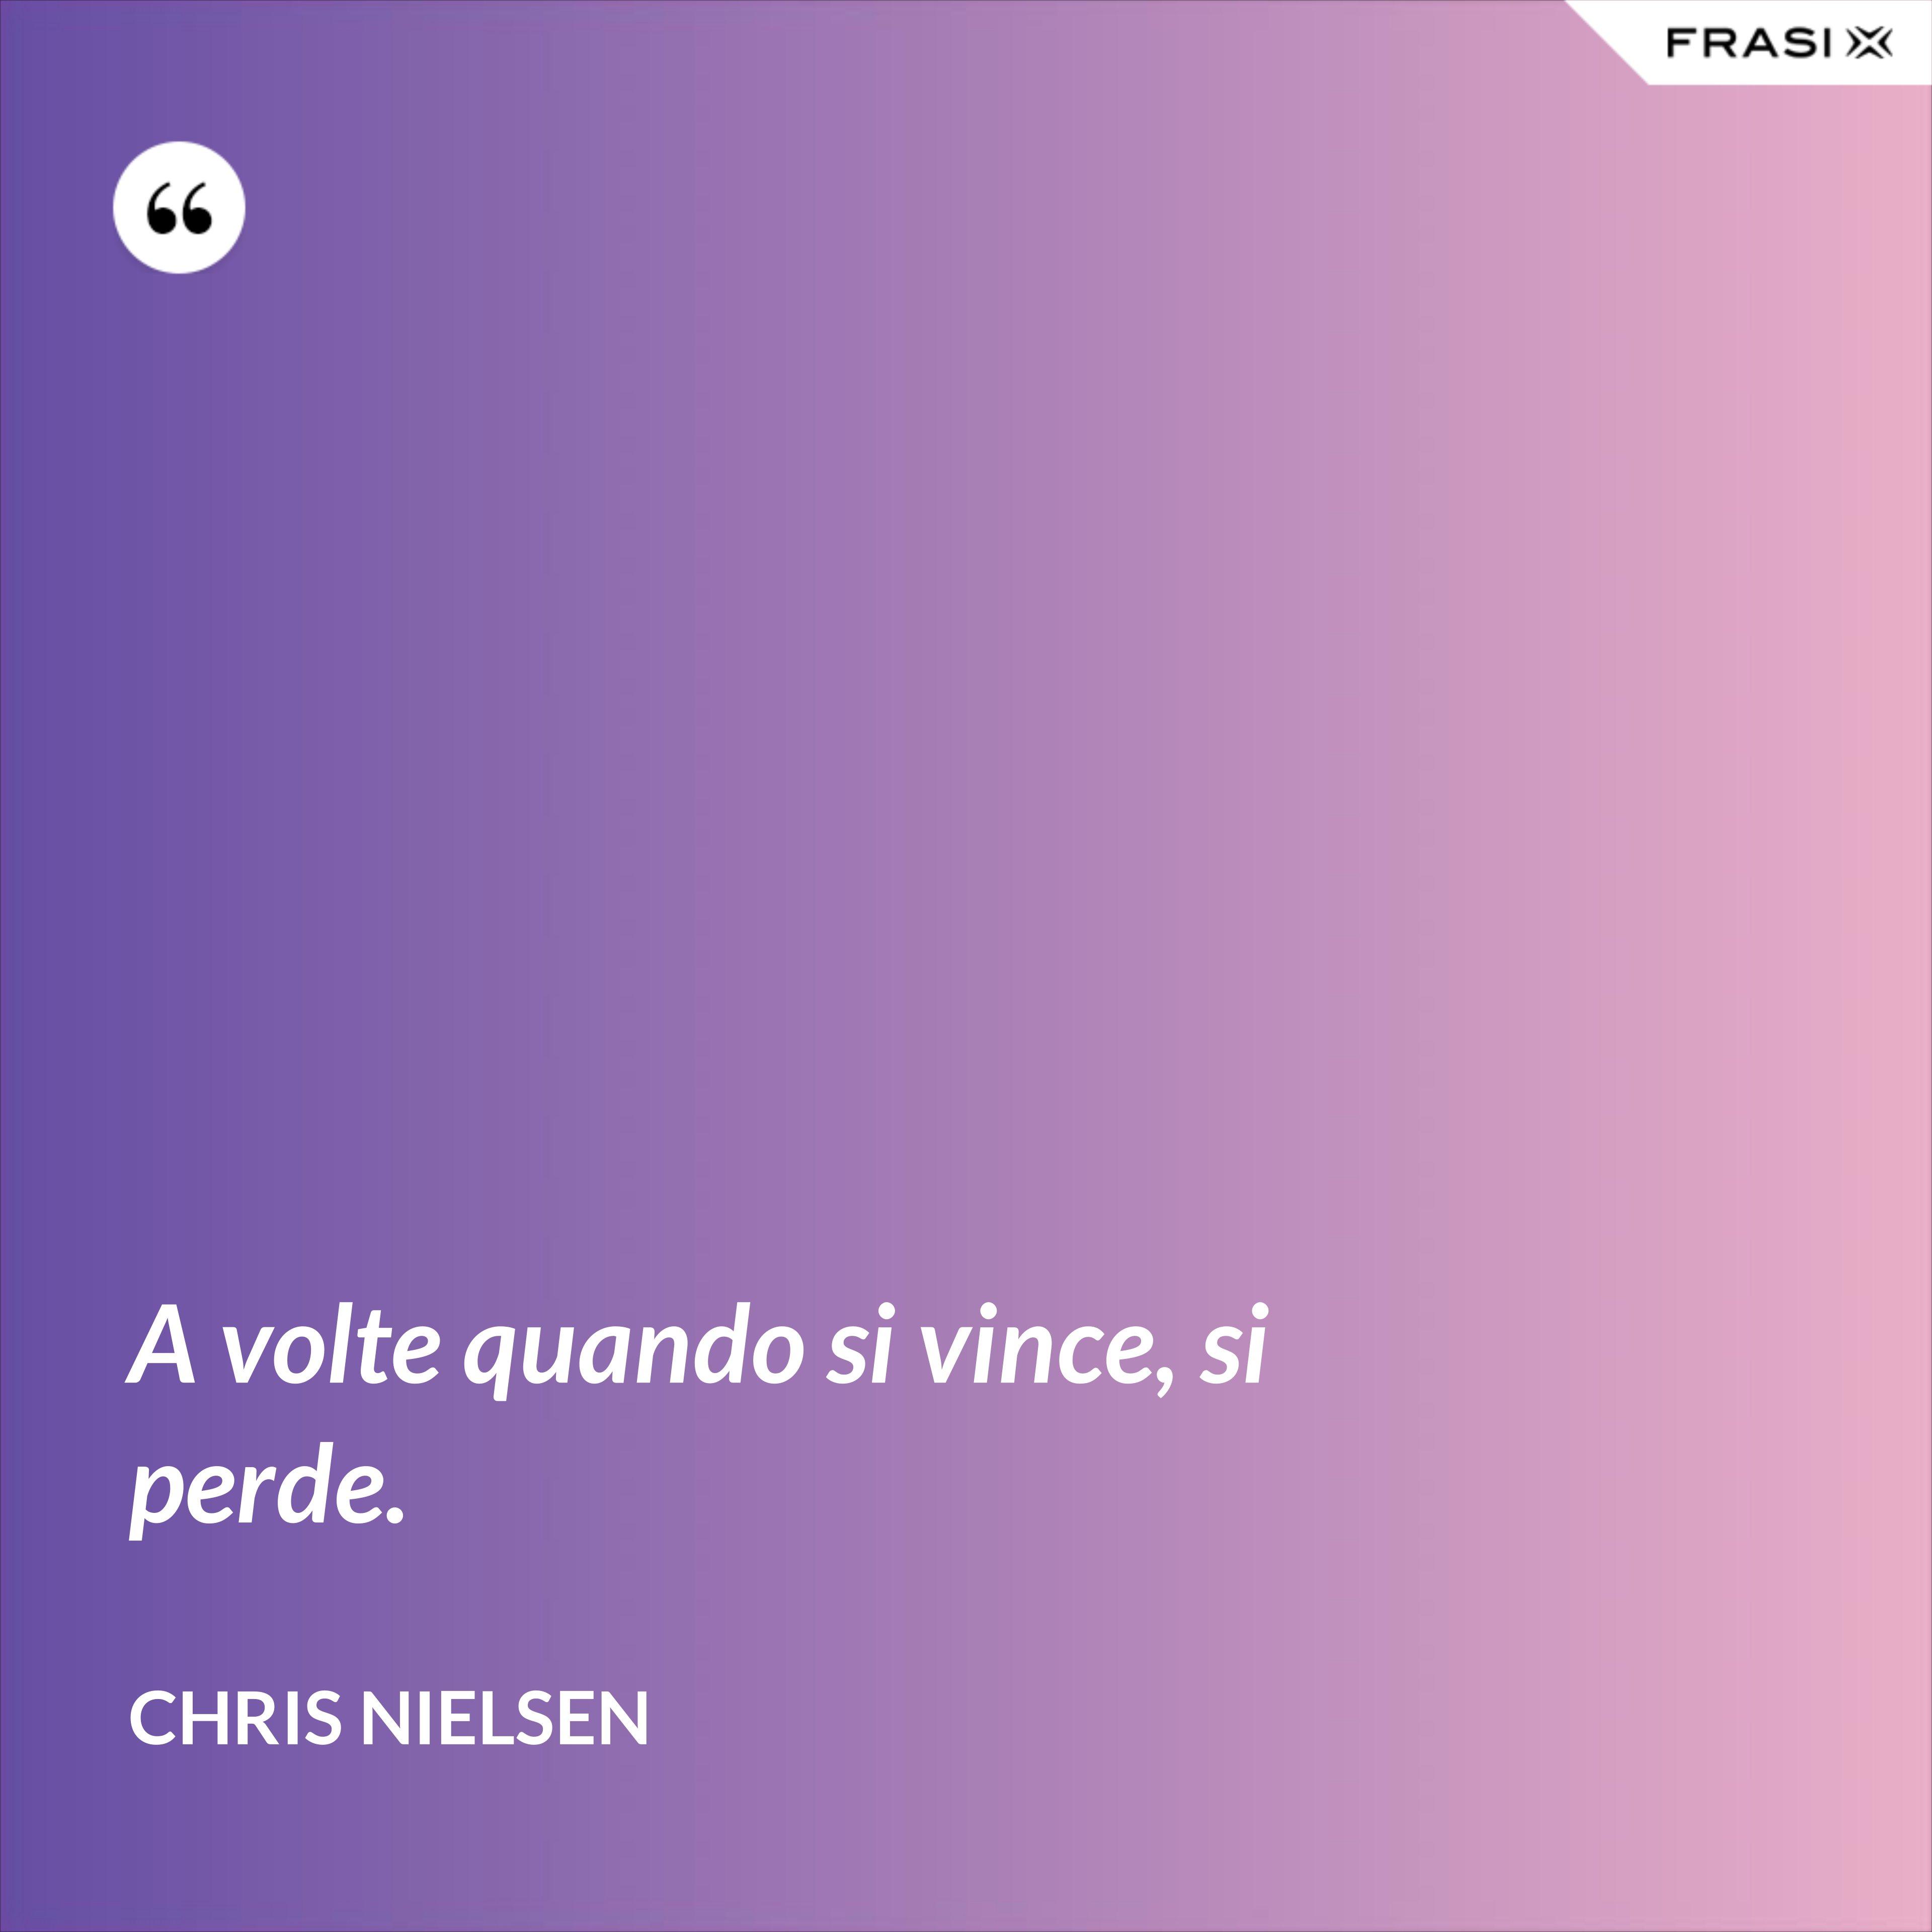 A volte quando si vince, si perde. - Chris Nielsen